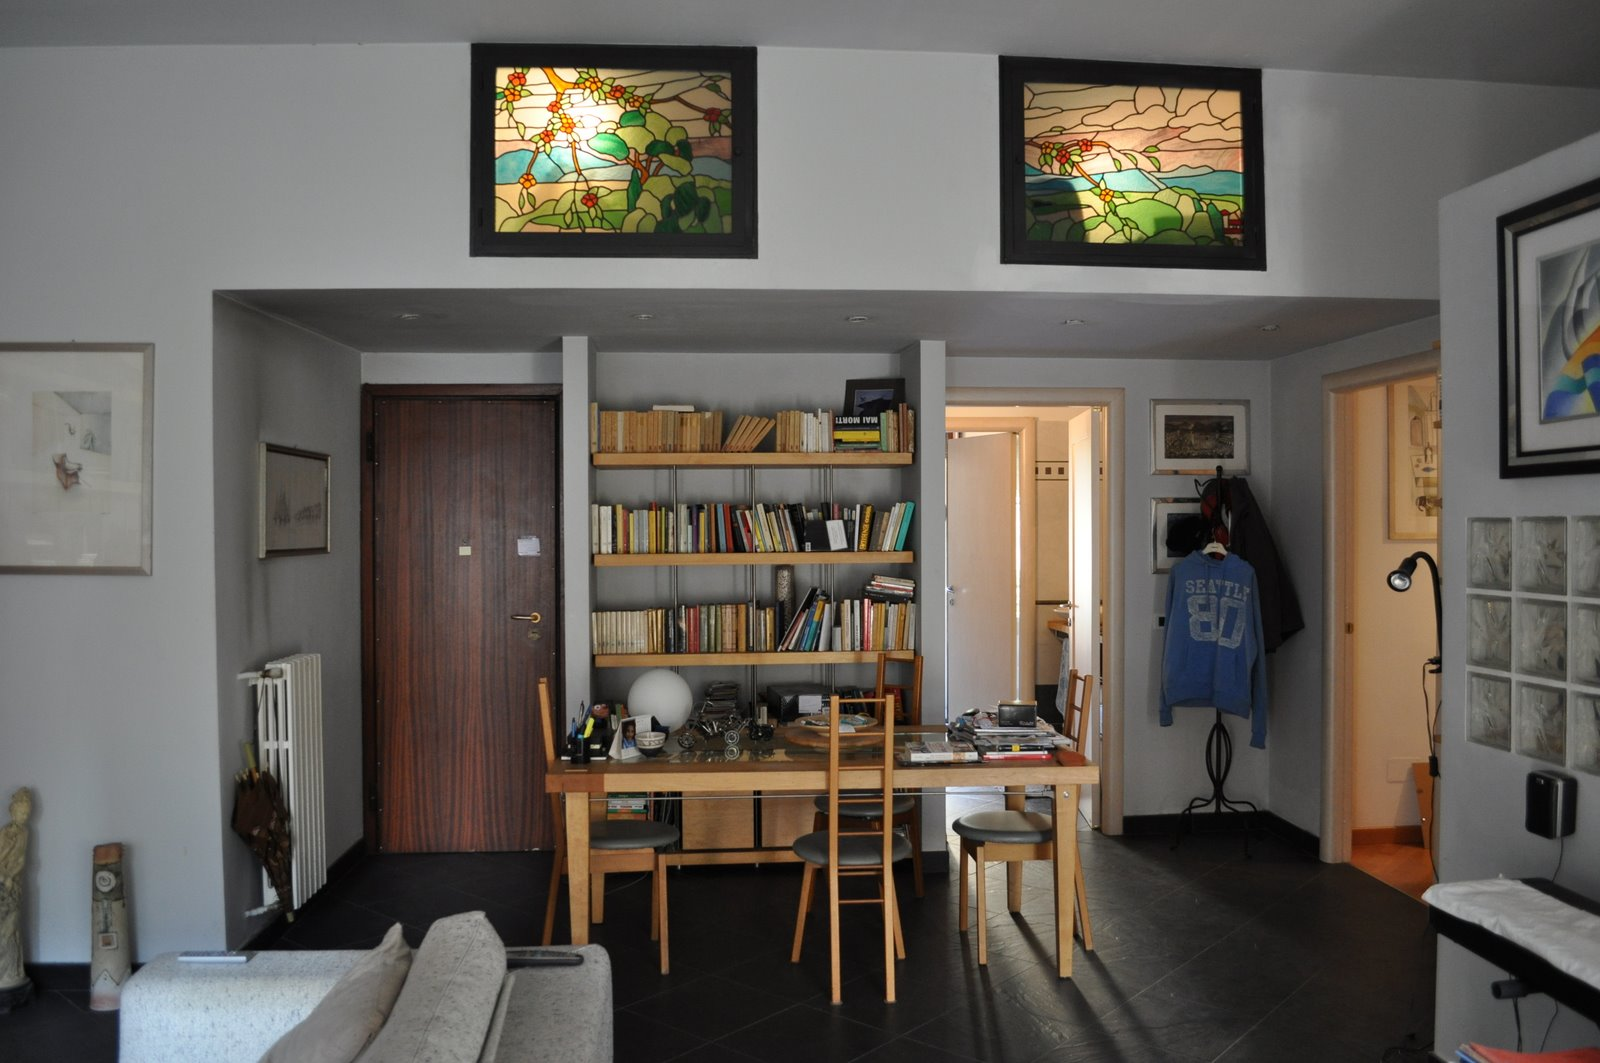 Cucine Open Space Idee Cucine E Living Foto Oltre Le Cucine #956B36 1600 1063 Arredamento Cucina Piccola Nuova Costruzione